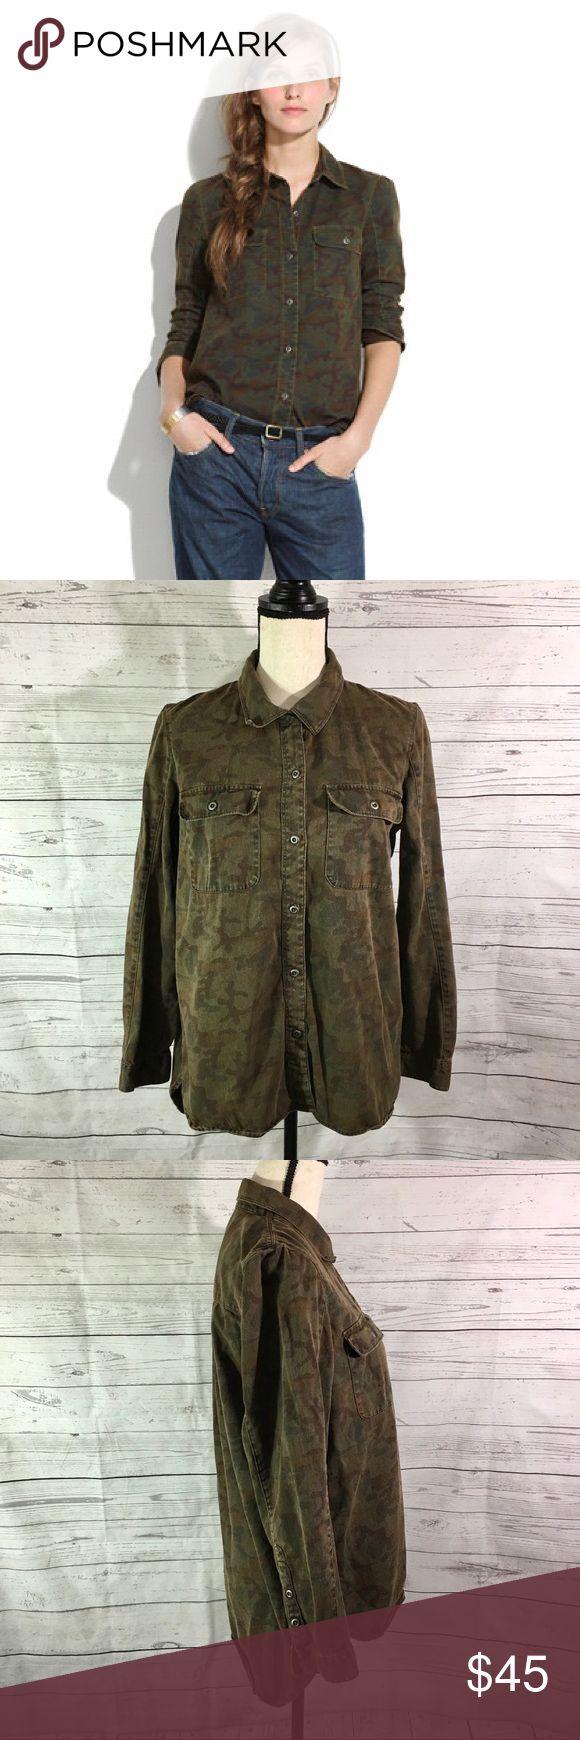 Madewell Tomboy Workshirt In Camo Madewell Women's Sz M Tomboy Camo Shirt Long Sleeve Button Up Cotton Pockets Madewell Tops Button Down Shirts